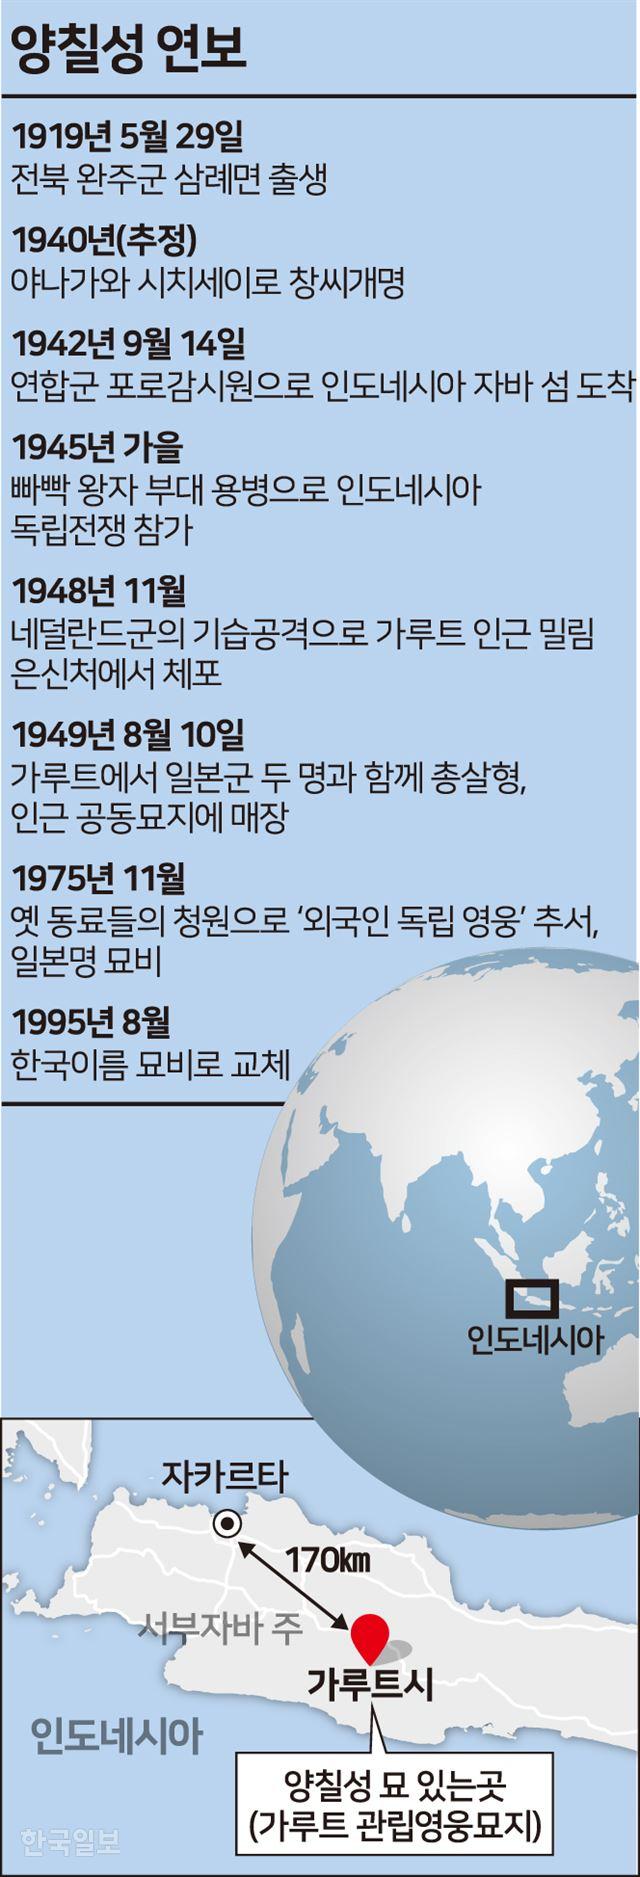 [저작권 한국일보] 양칠성 연보 및 묘 위치. 그래픽= 송정근 기자